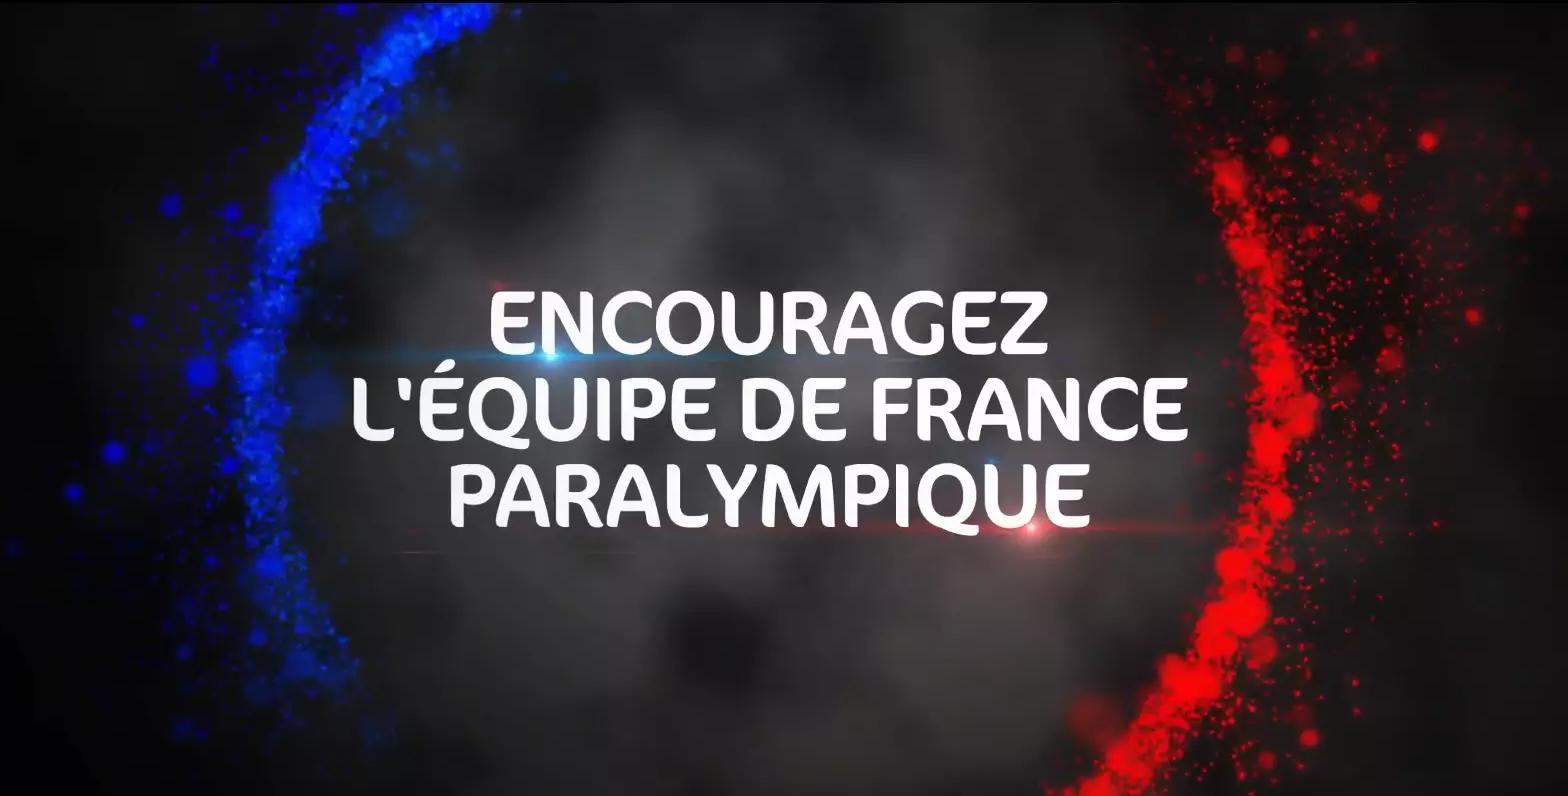 Equipe de France paralympique film EDF